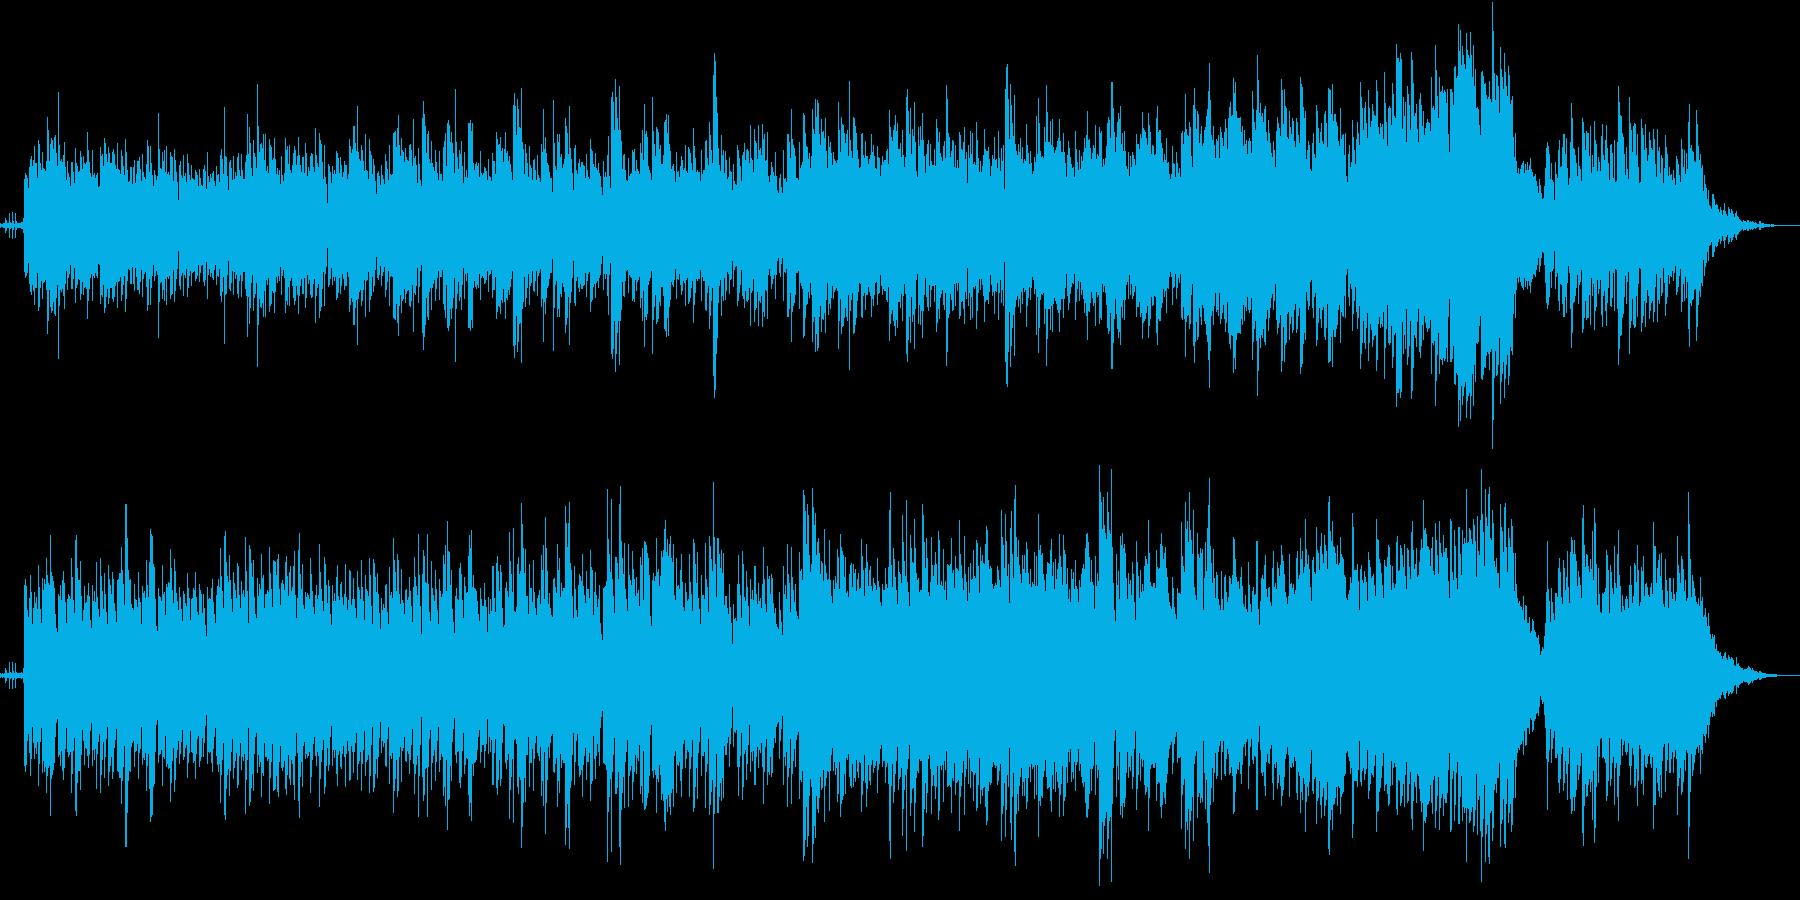 光がさすようなイメージのエレクトロニカの再生済みの波形